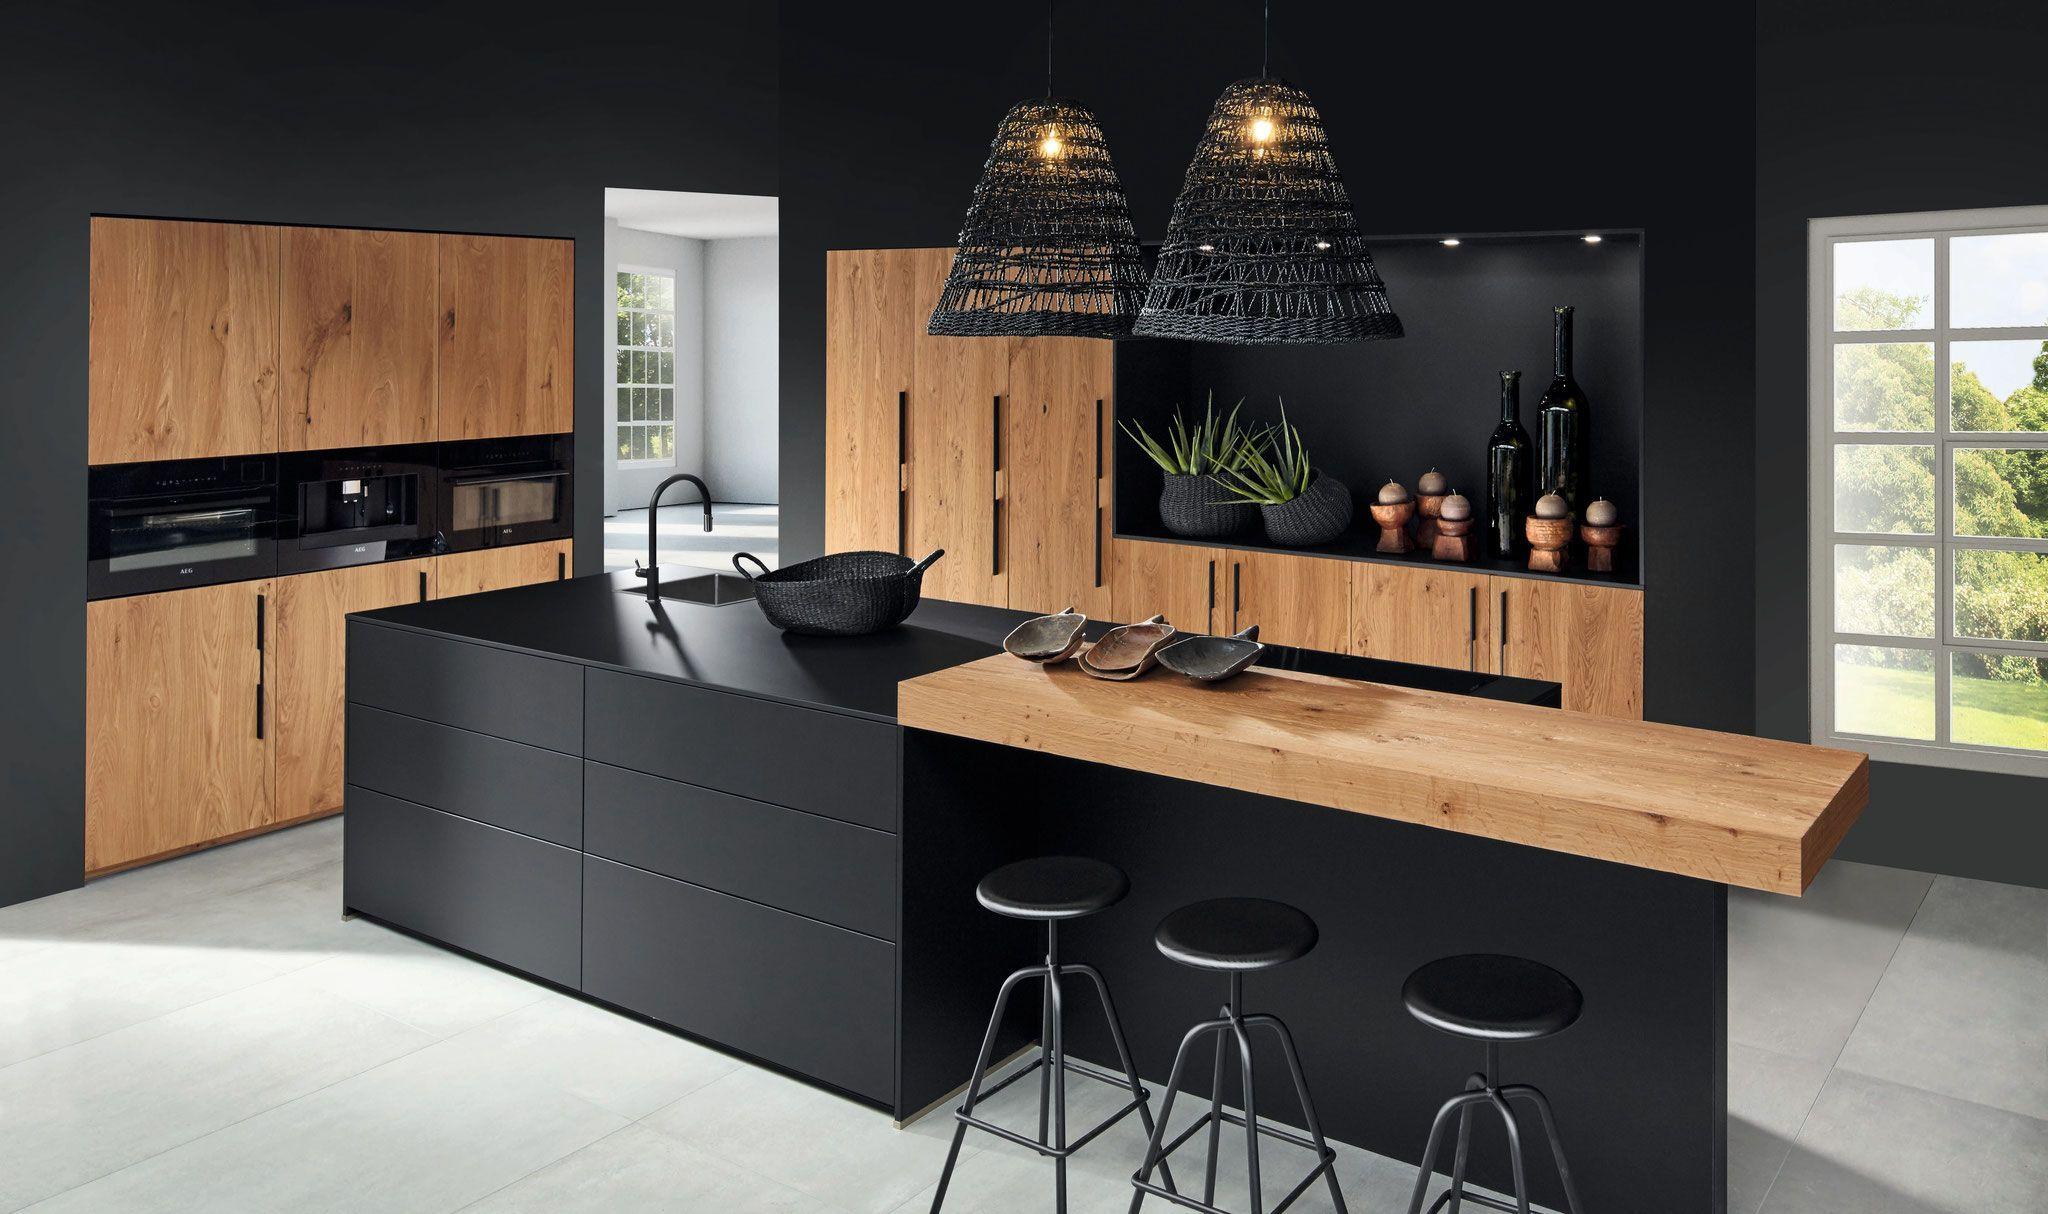 Cuisine Design Haut De Gamme Meubles Allemand Et Francais Sur Mesure Cuisine Interieur Desi Kitchen Room Design Home Decor Kitchen Kitchen Inspiration Design